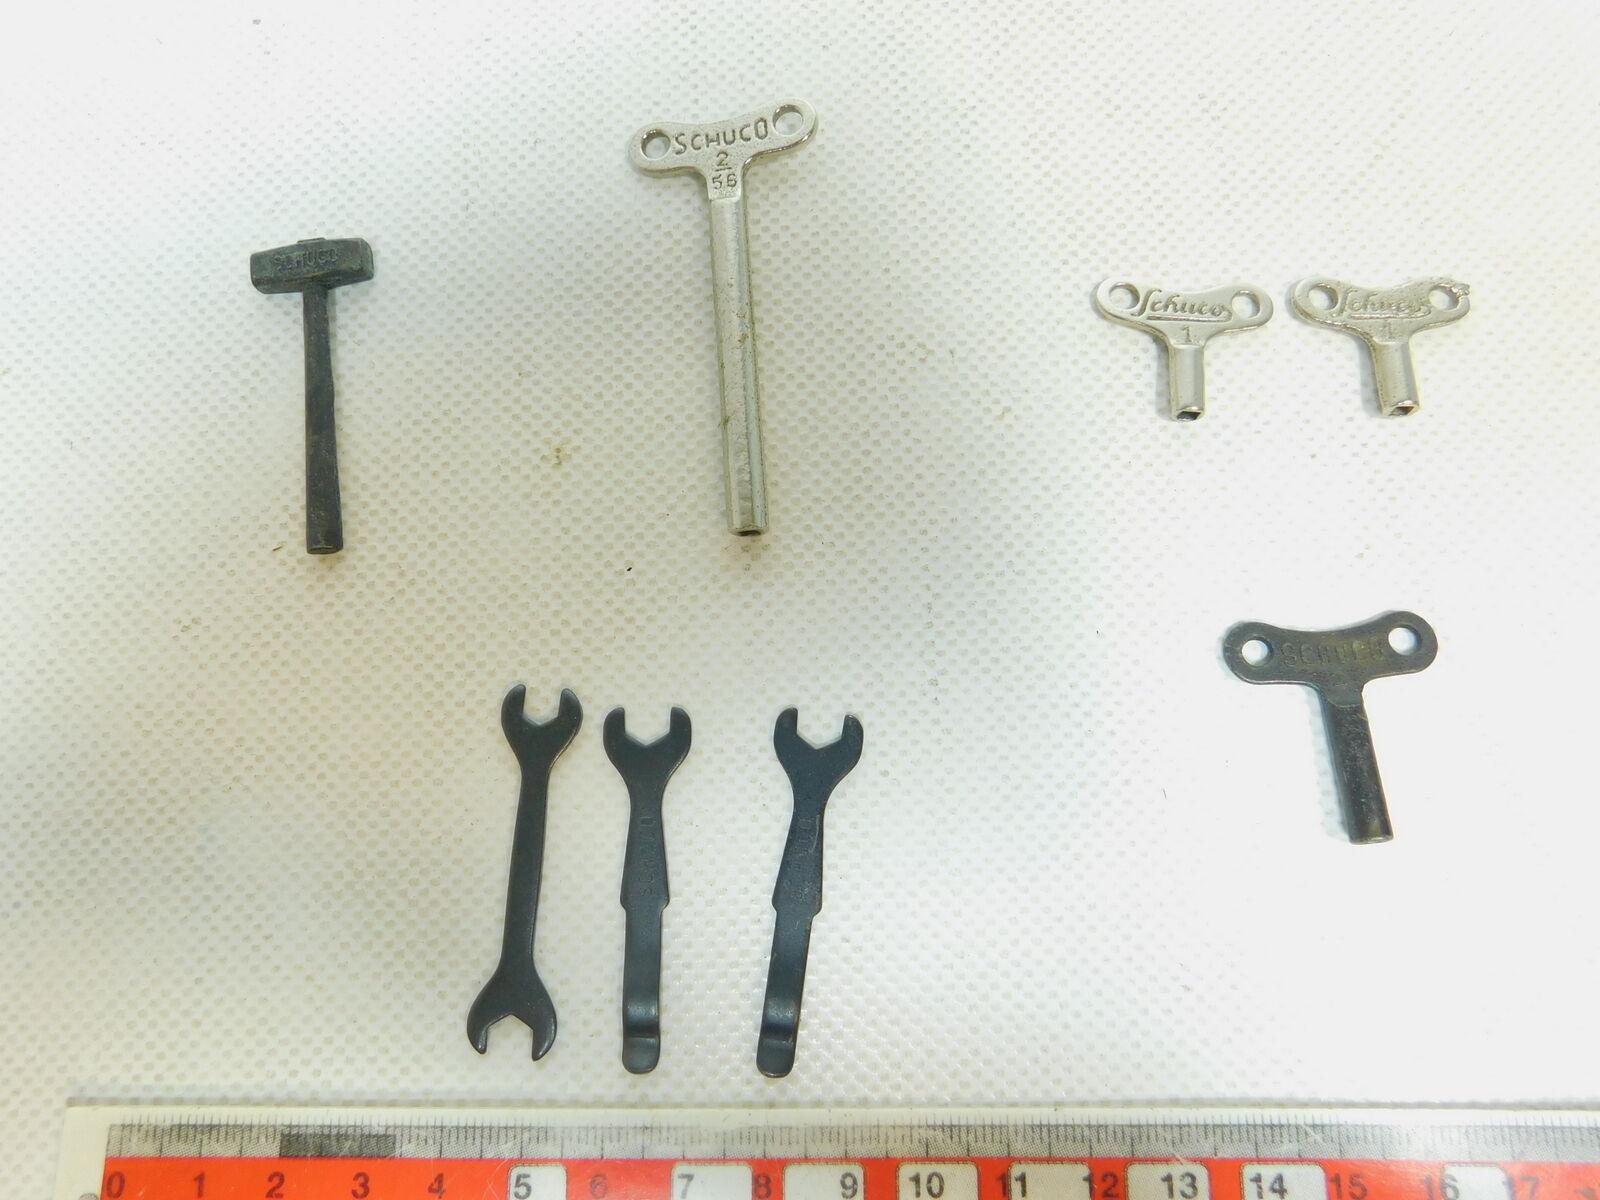 BE906-0,5  Schuco Uhrwerkschlüssel No 1+2   Werkzeug - 8 Teile; s.g.